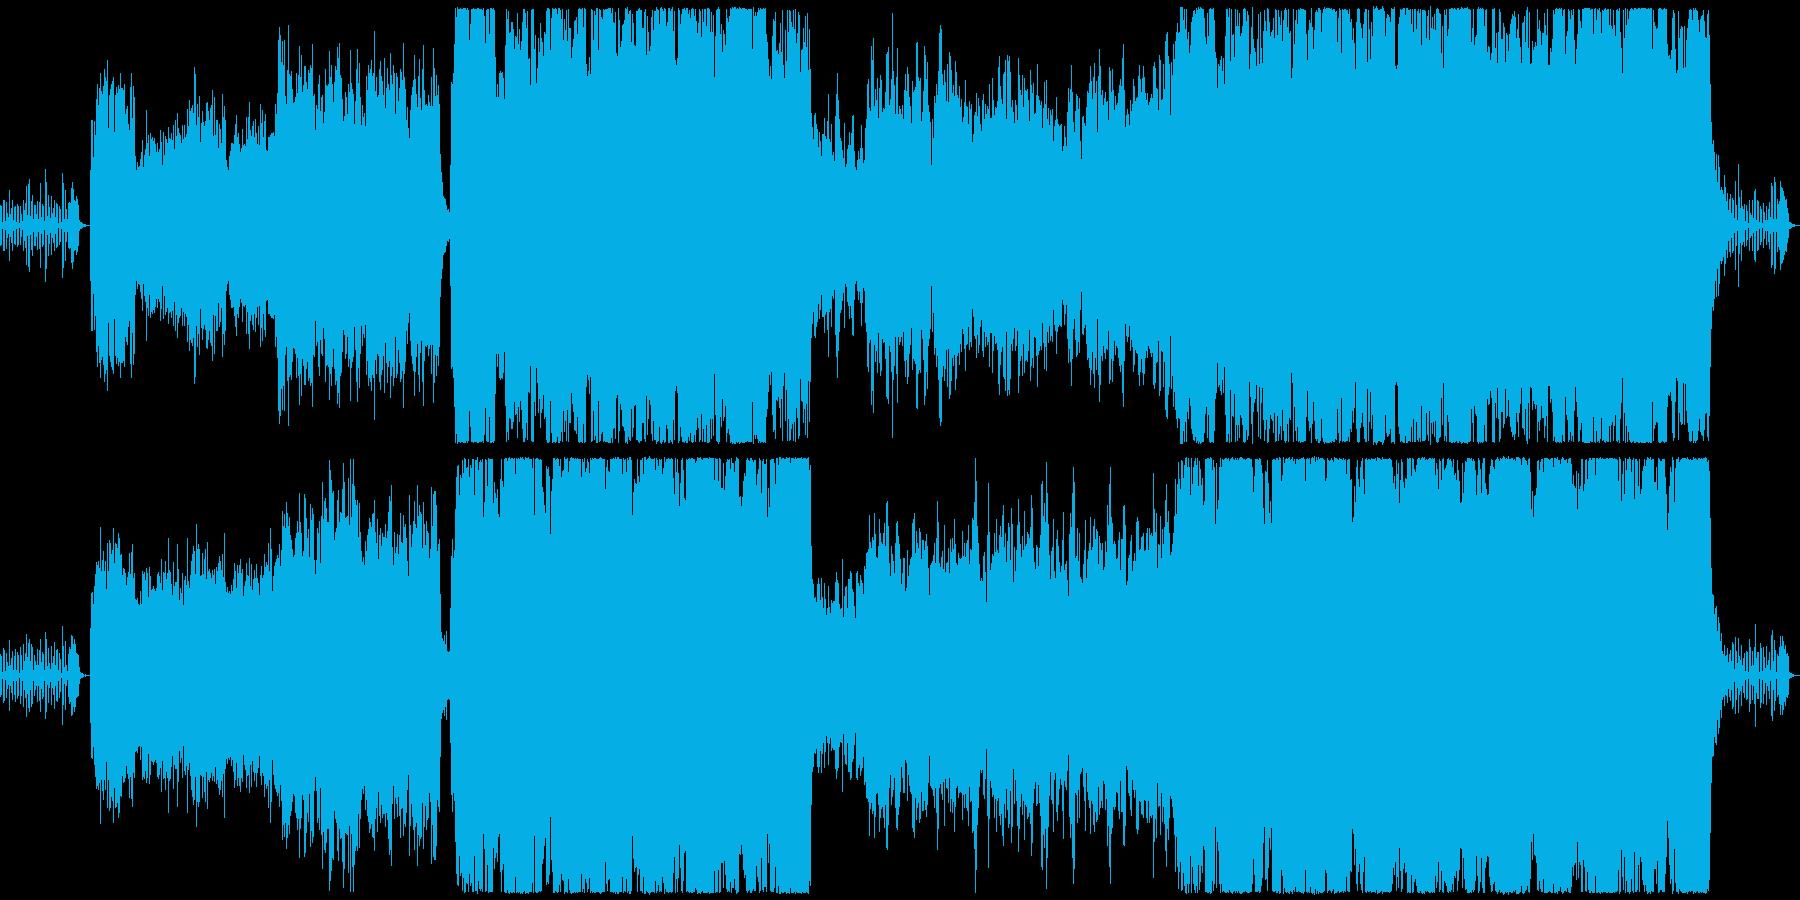 【ダークな雰囲気のクラシック】の再生済みの波形